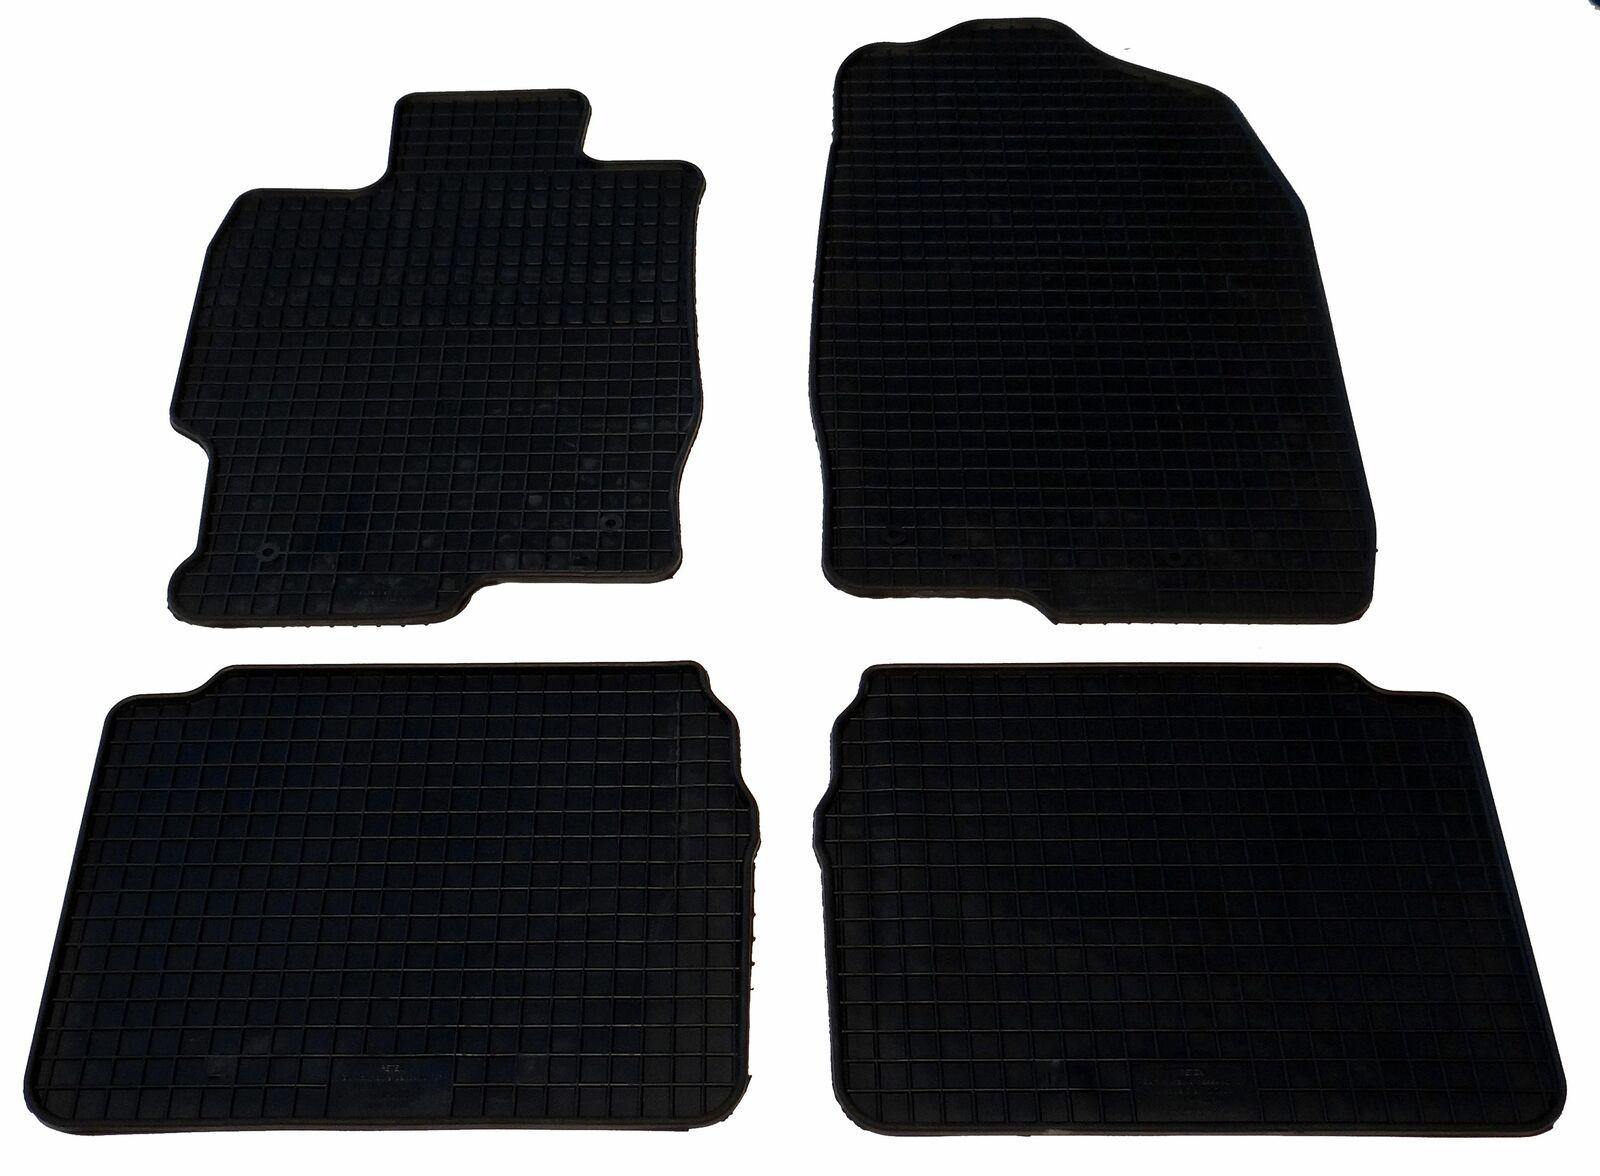 Gummi Fußmatten passend für Mazda 6 Limousine Kombi ab Bj. 2002 bis 2007